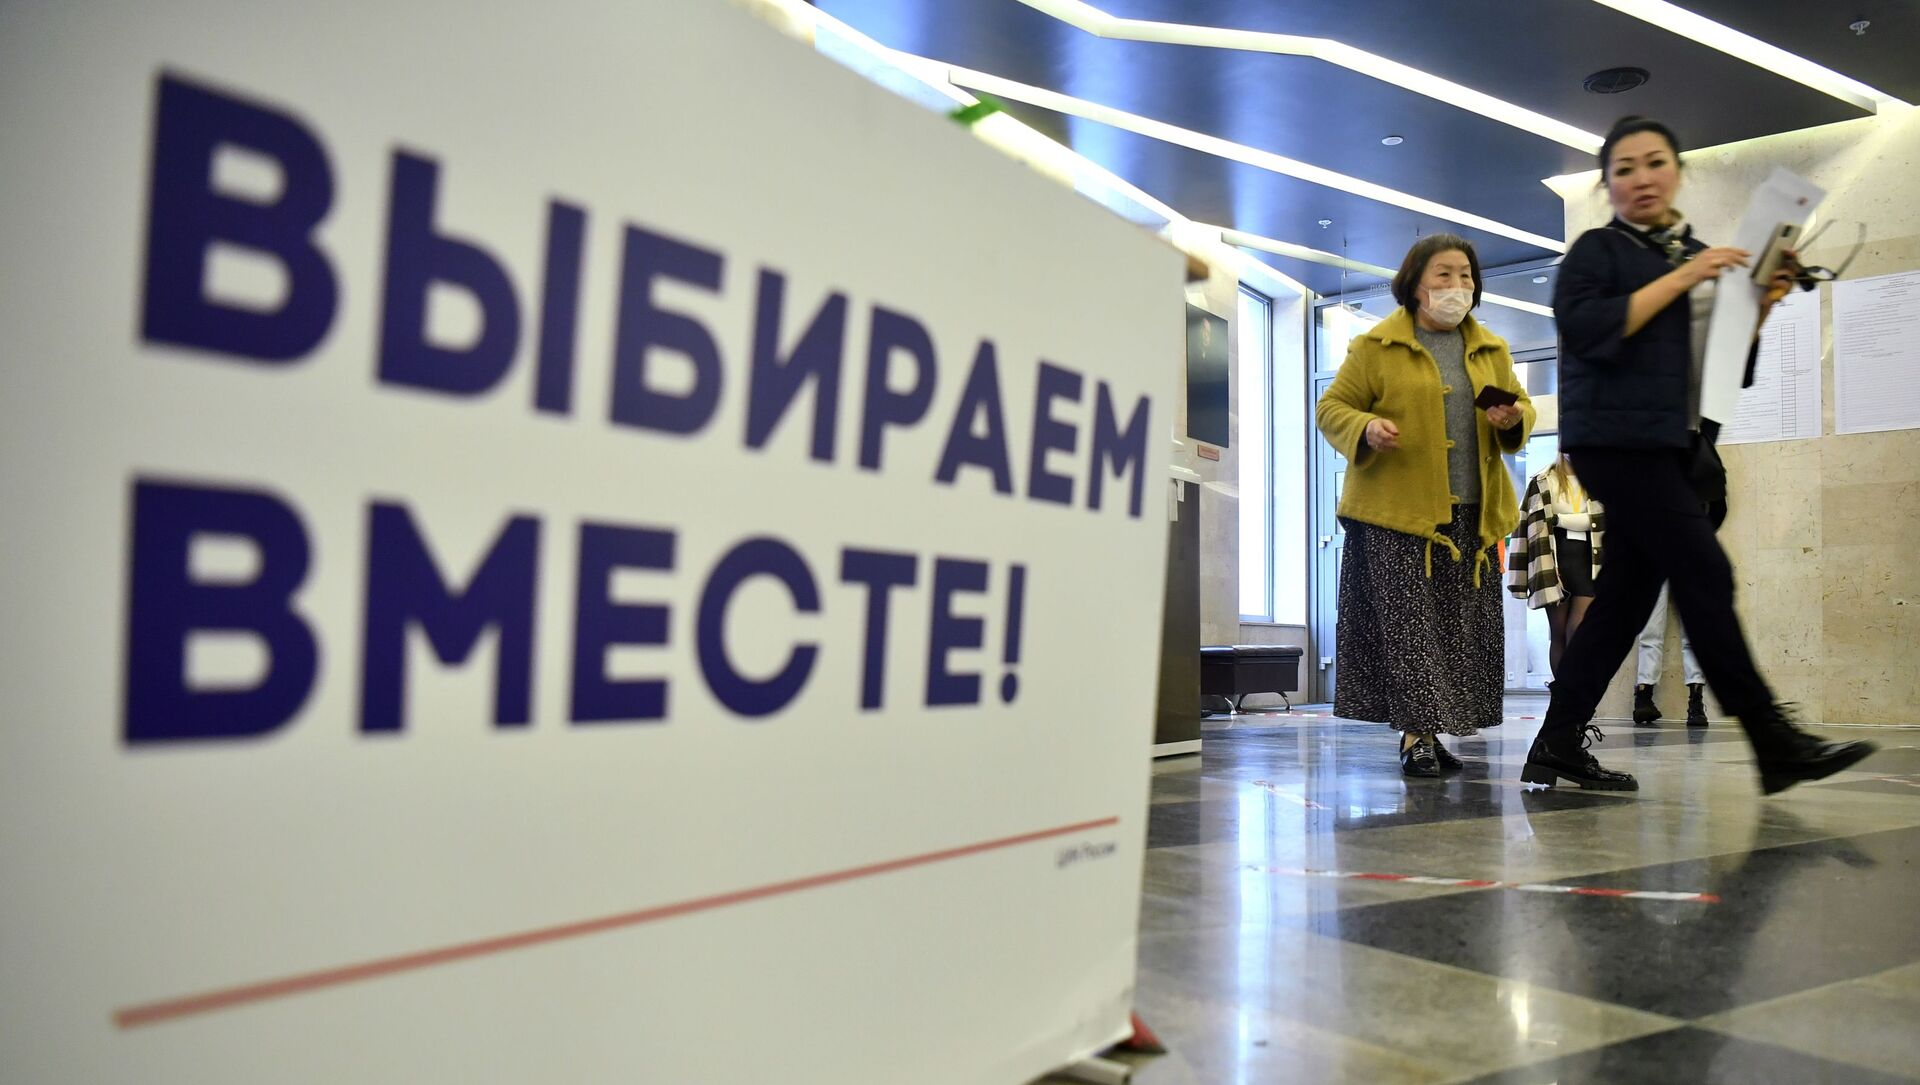 Единый день голосования в  России - Sputnik Аҧсны, 1920, 19.09.2021